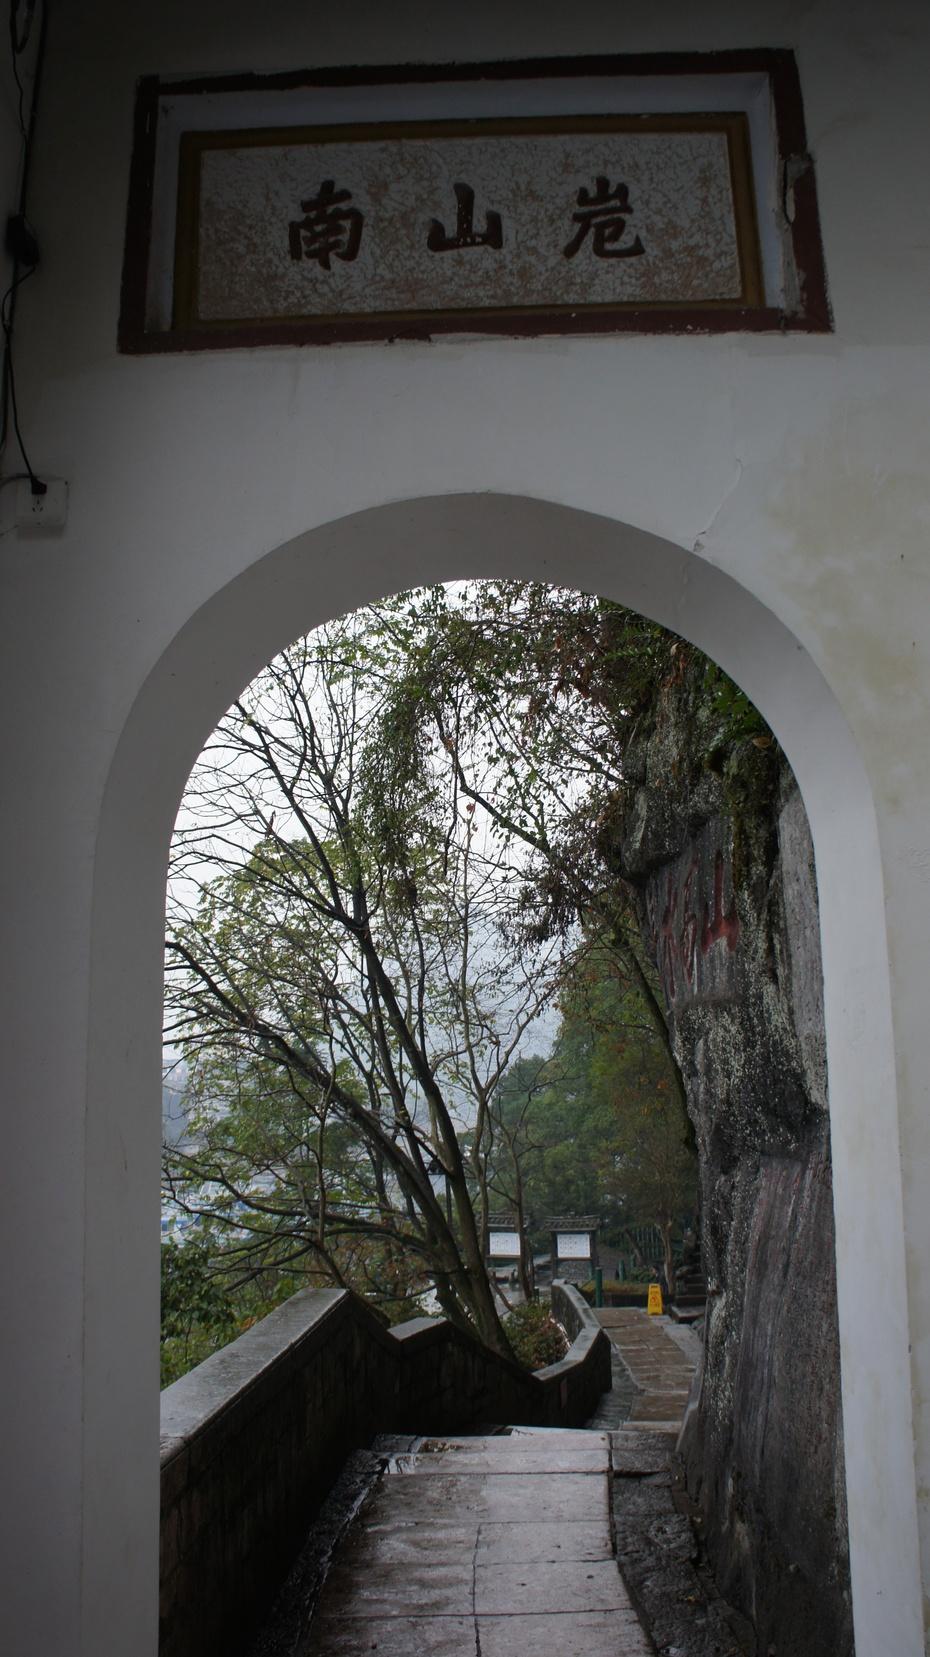 阳朔文化景观:山水园 - 余昌国 - 我的博客